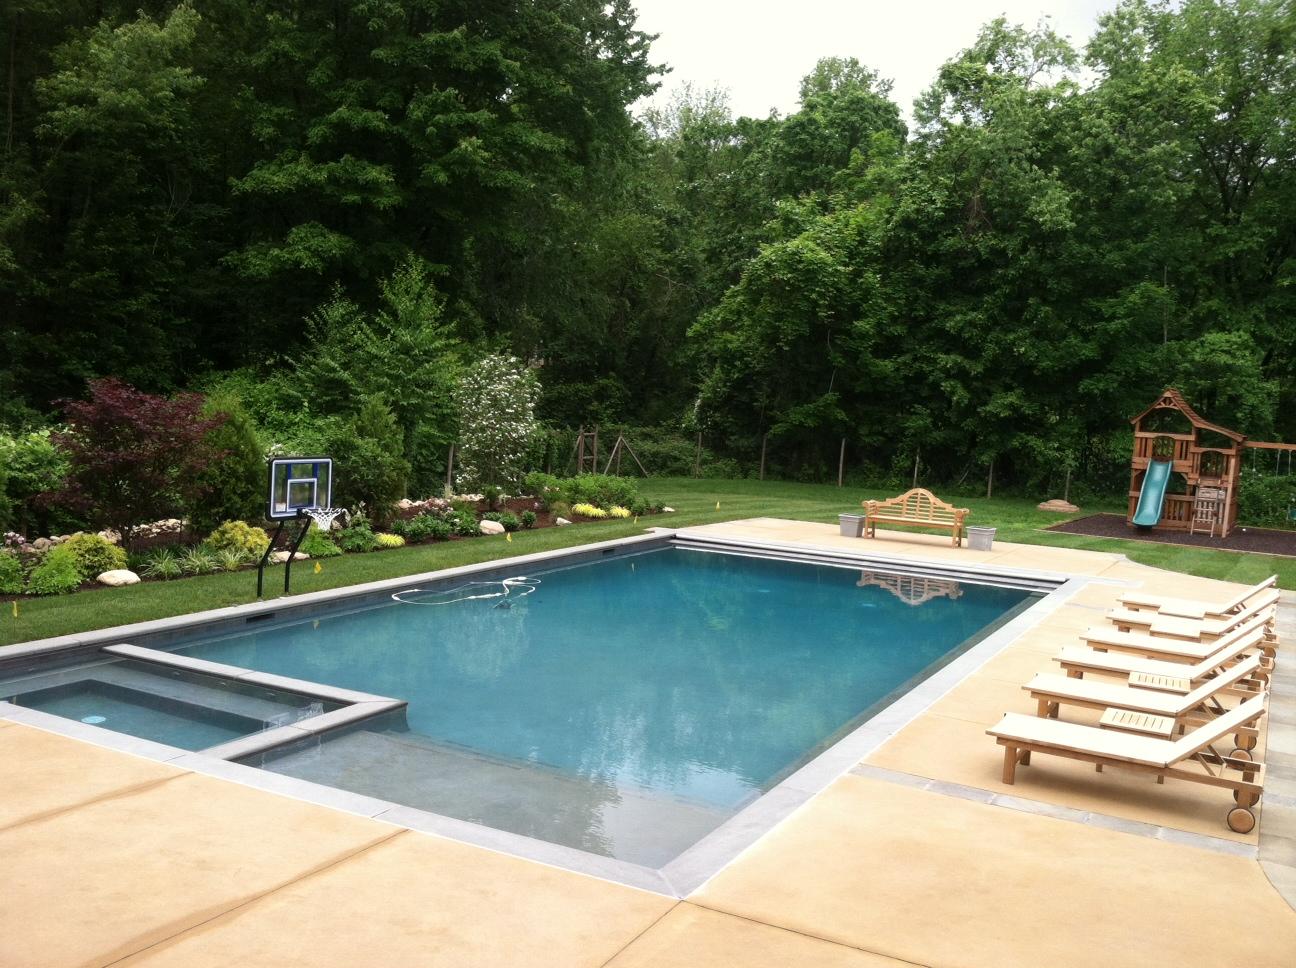 Lang pools in norwalk ct 203 846 3 for Pool garden leipzig